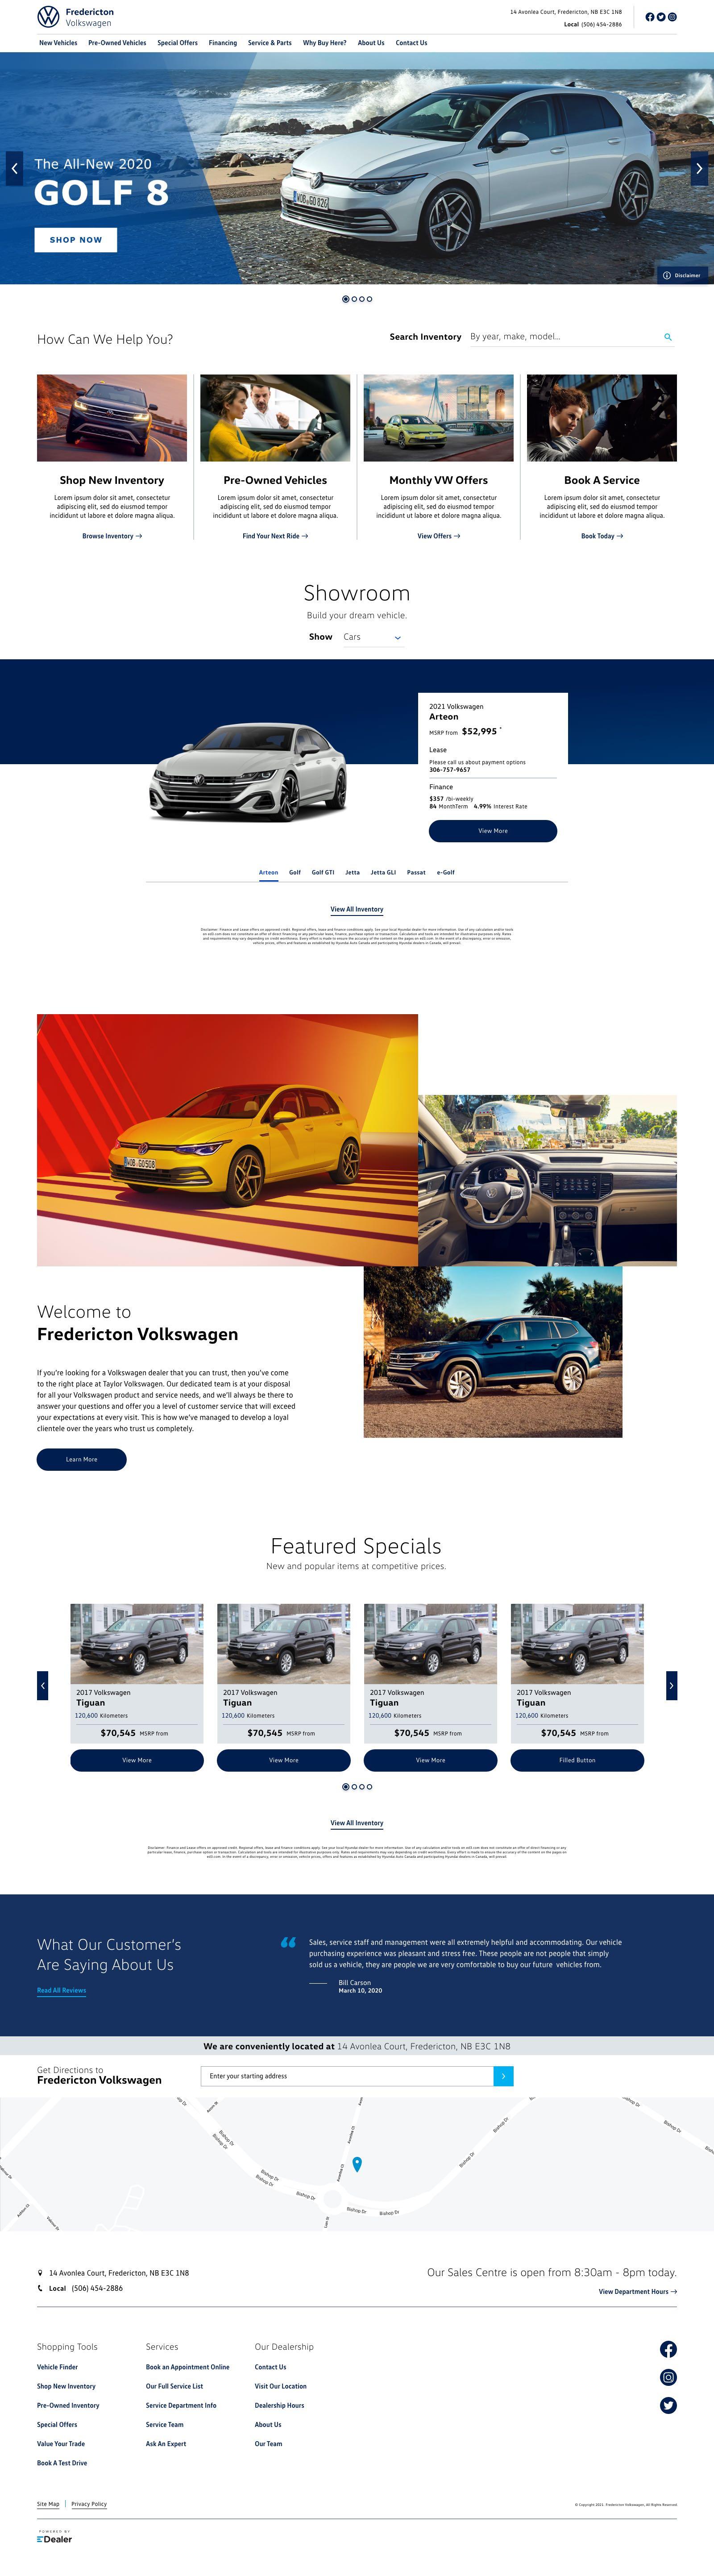 Fredericton Volkswagen